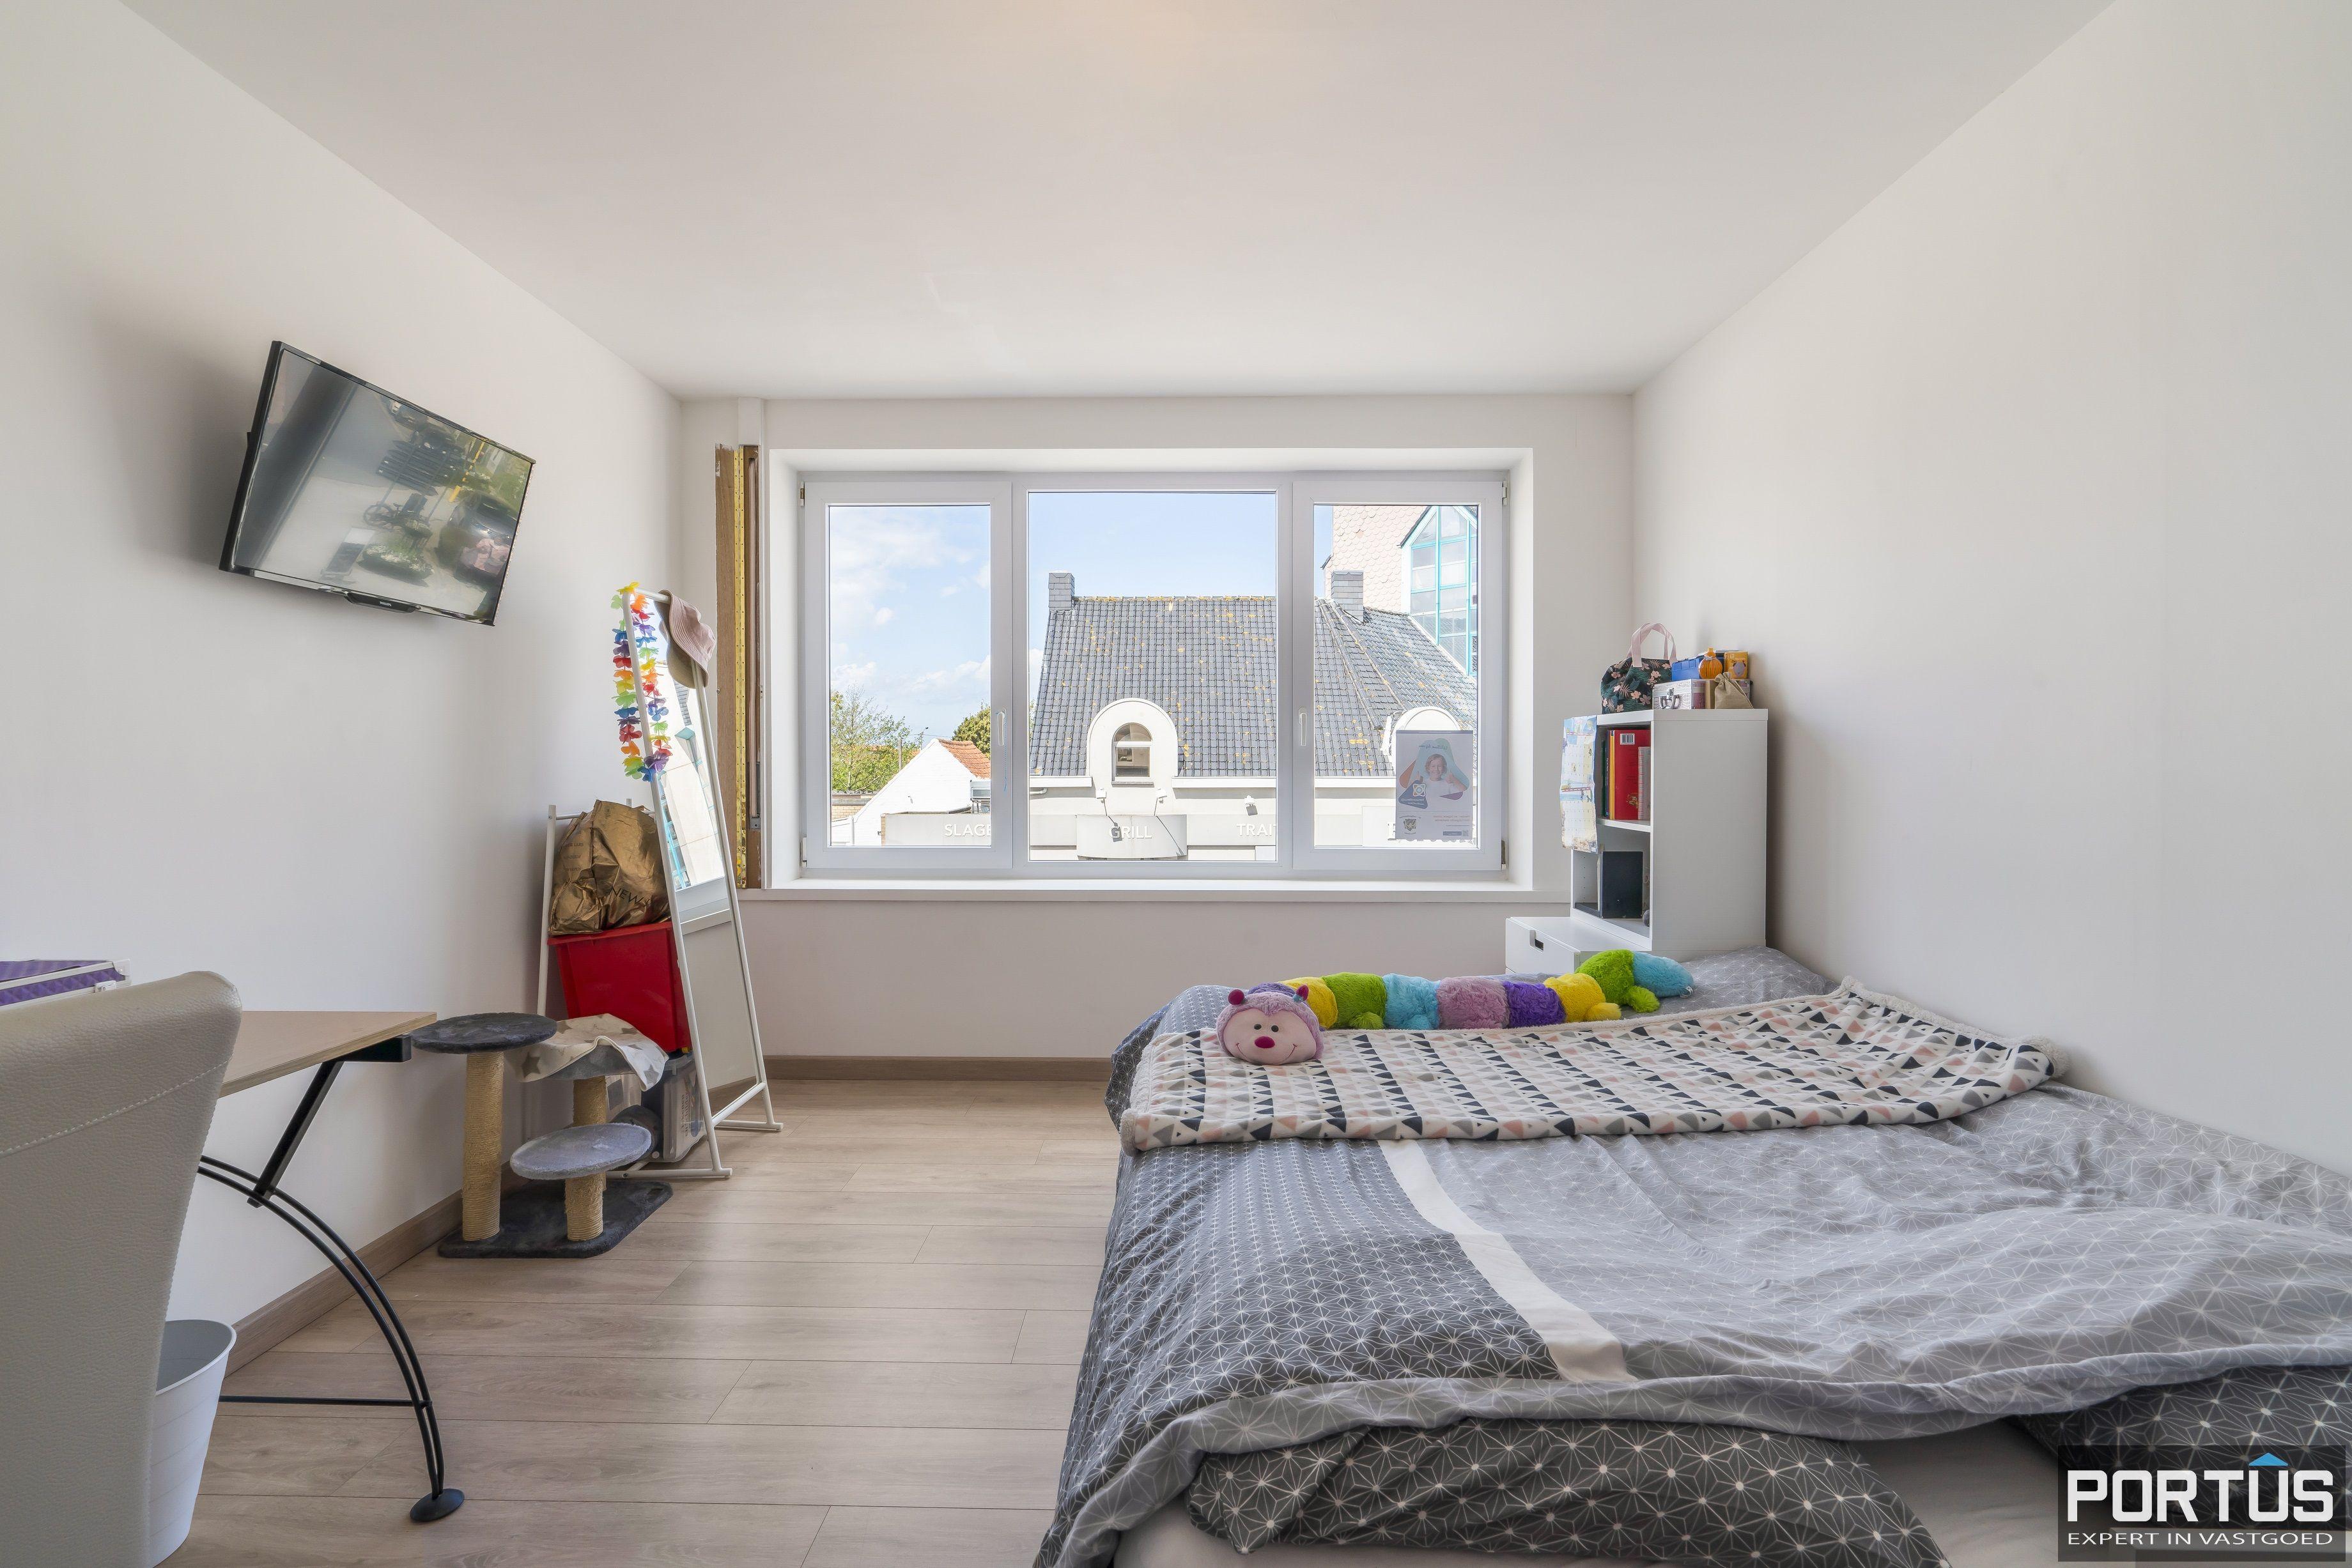 Appartement met 3 slaapkamers te koop te Westende - 12869